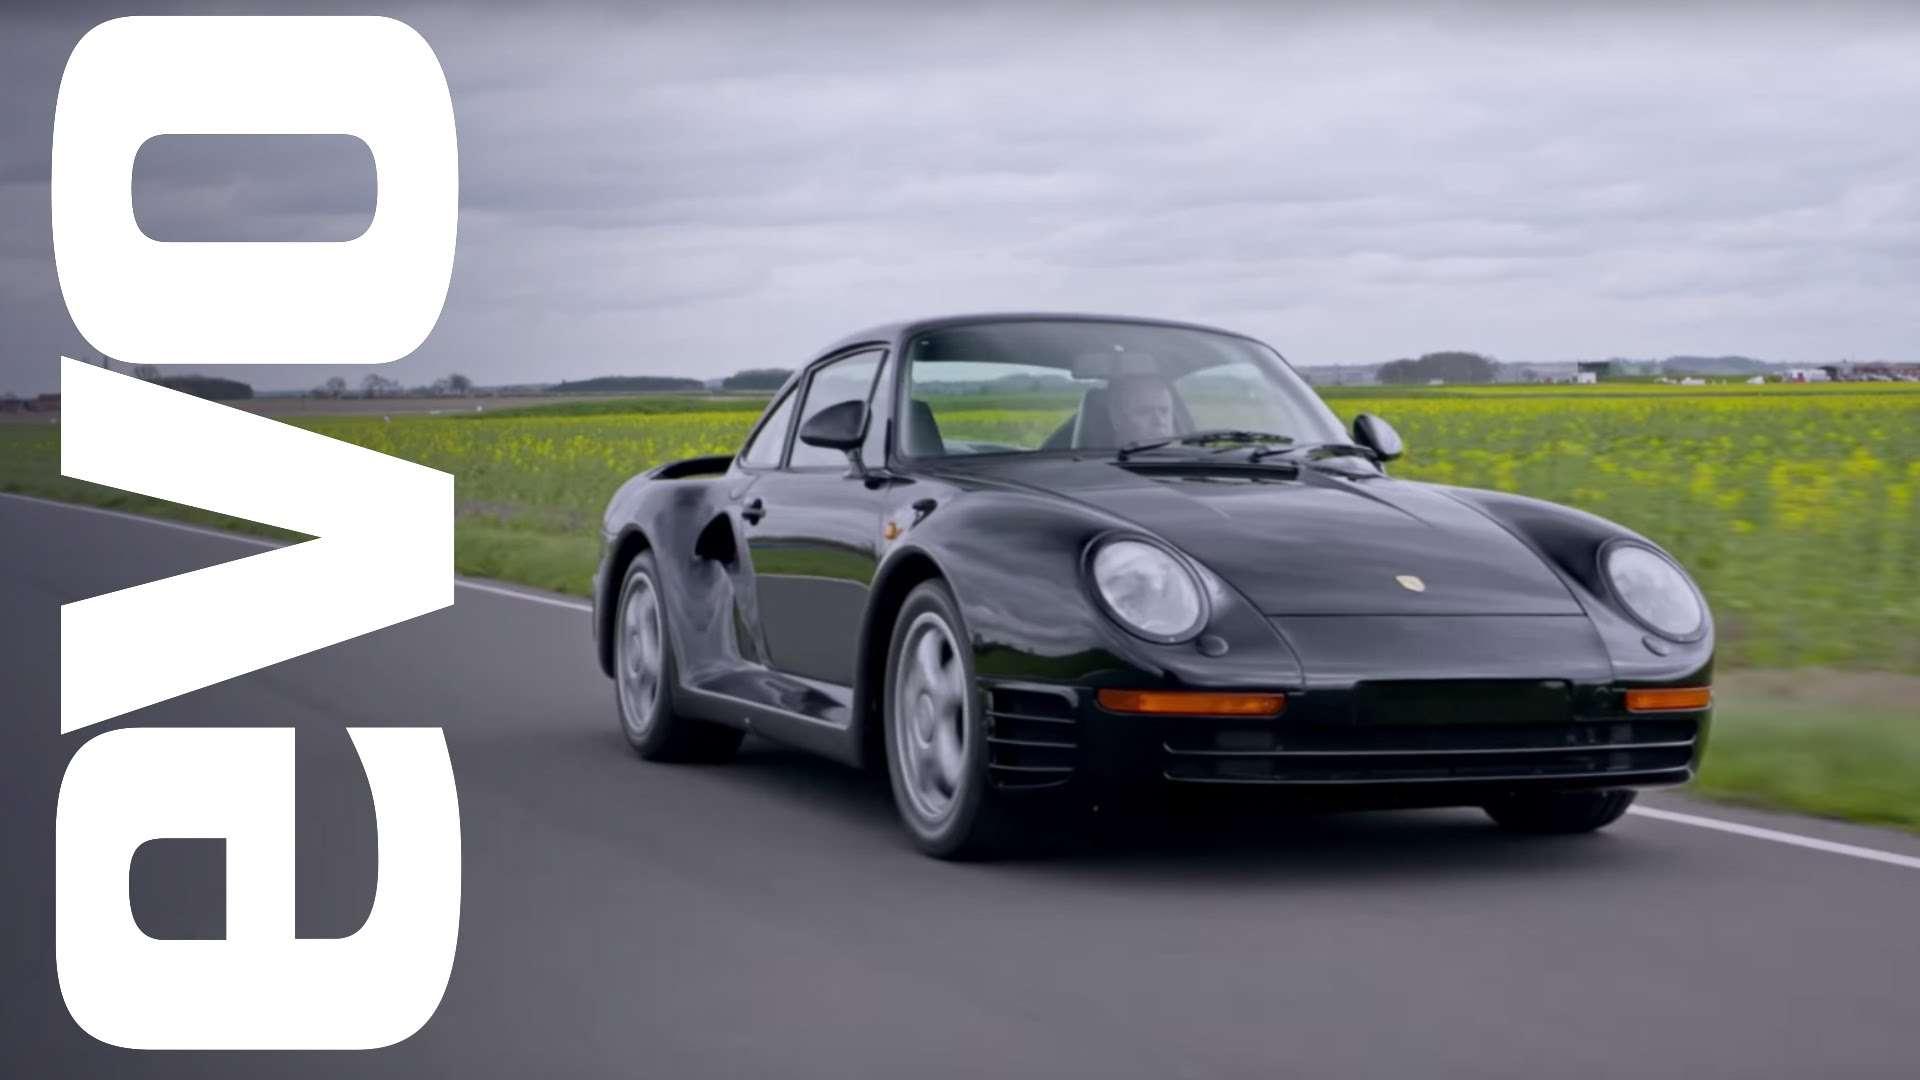 Typisch Jaren 80 : Video: achter het stuur van de iconische porsche 959 thecoolcars.nl